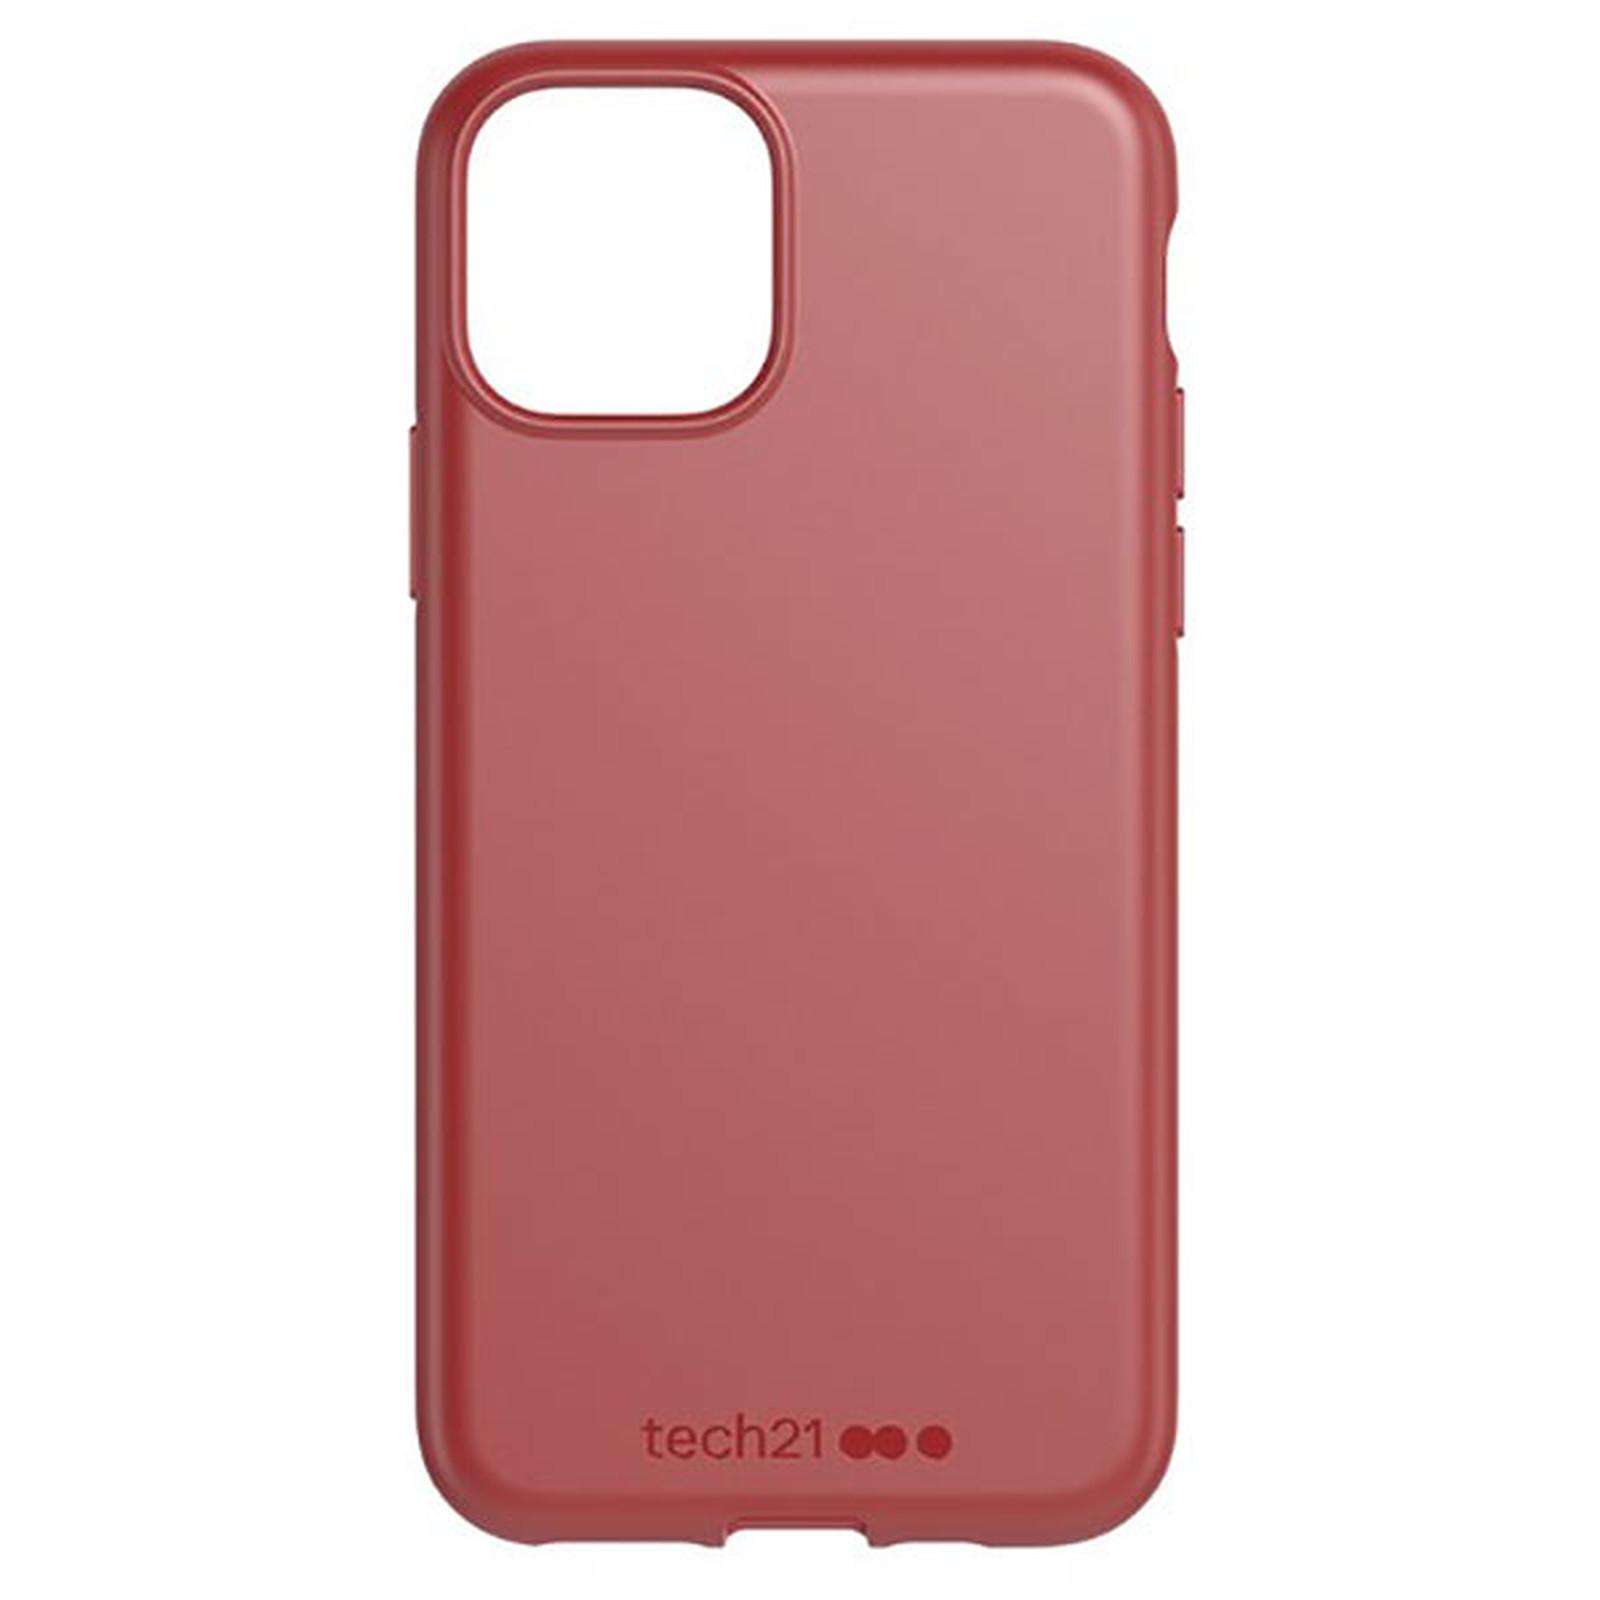 Tech21 Studio Colour Rouge Apple iPhone 11